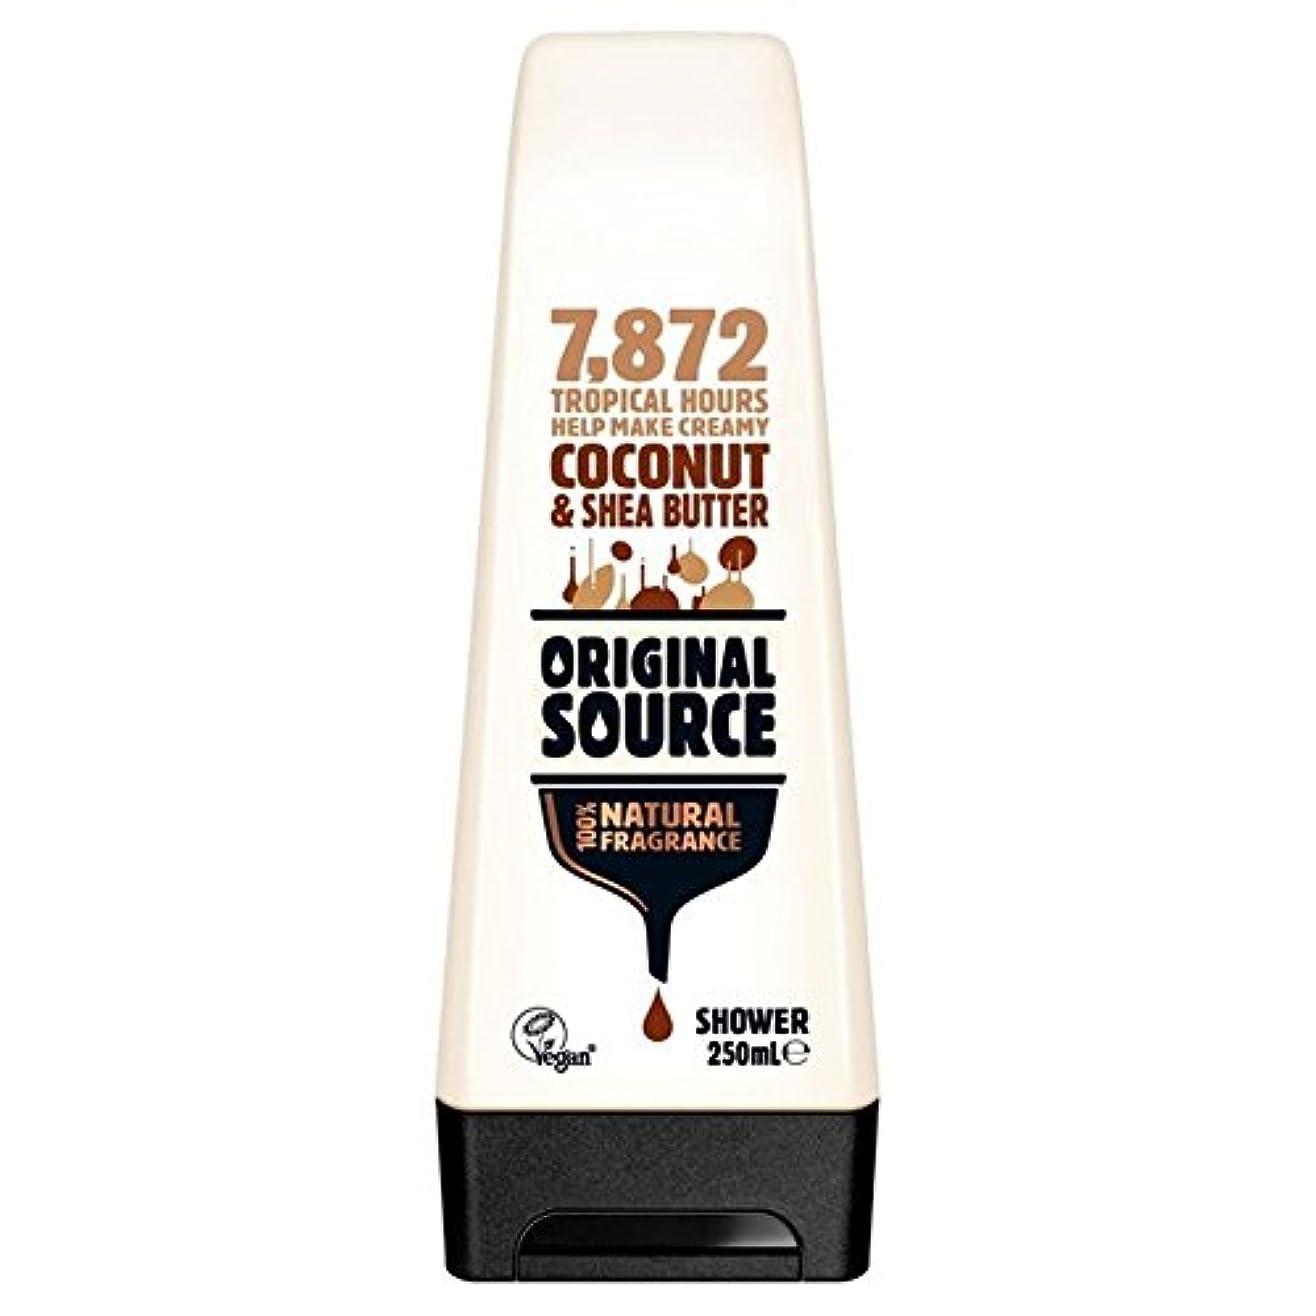 経由で元気な子供っぽい元のソース保湿ココナッツ&シアバターシャワージェル250ミリリットル x2 - Original Source Moisturising Coconut & Shea Butter Shower Gel 250ml (Pack of 2) [並行輸入品]